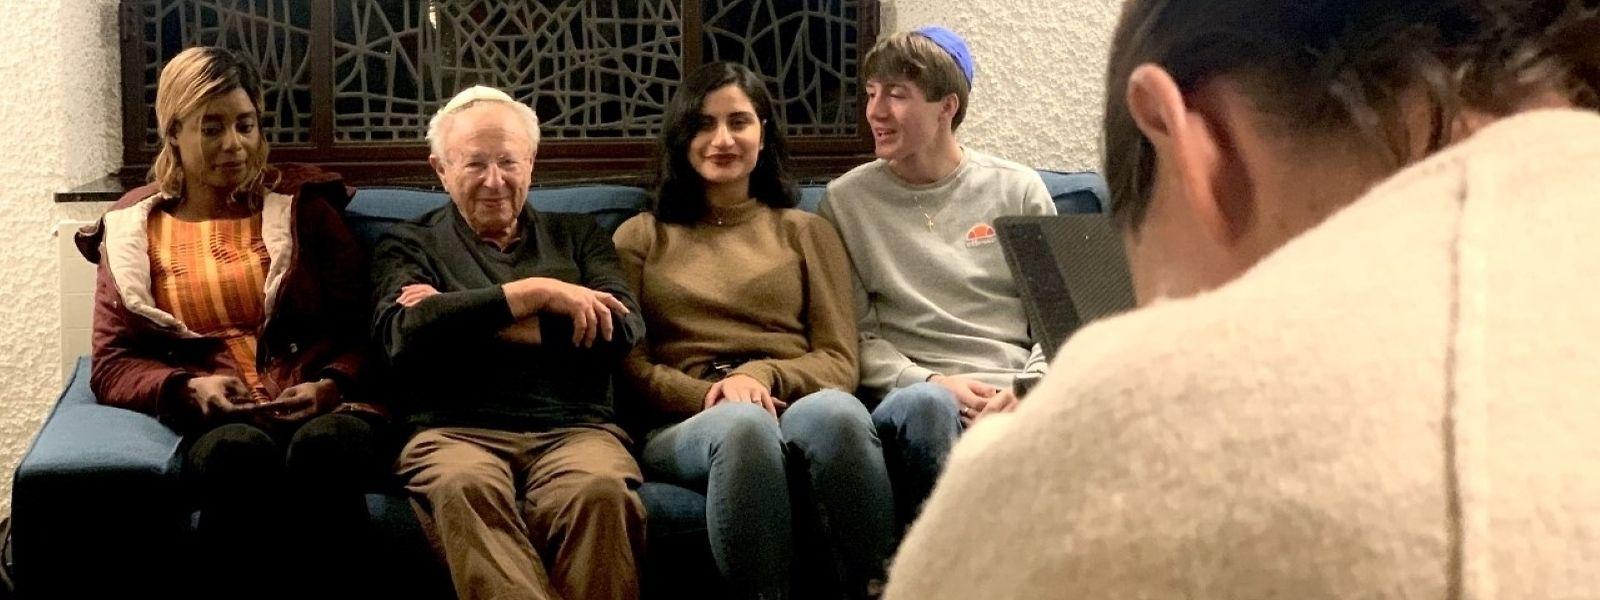 Mehr als nur ein intergenerationeller Dialog: der Zeitzeuge Claude Marx (2. v. l.) und die drei jungen Protagonisten der Dokumentation, Marie Yopo-Chadon, Christina Khoury und Dean Schadeck (v. l. n. r.), in der Escher Synagoge.